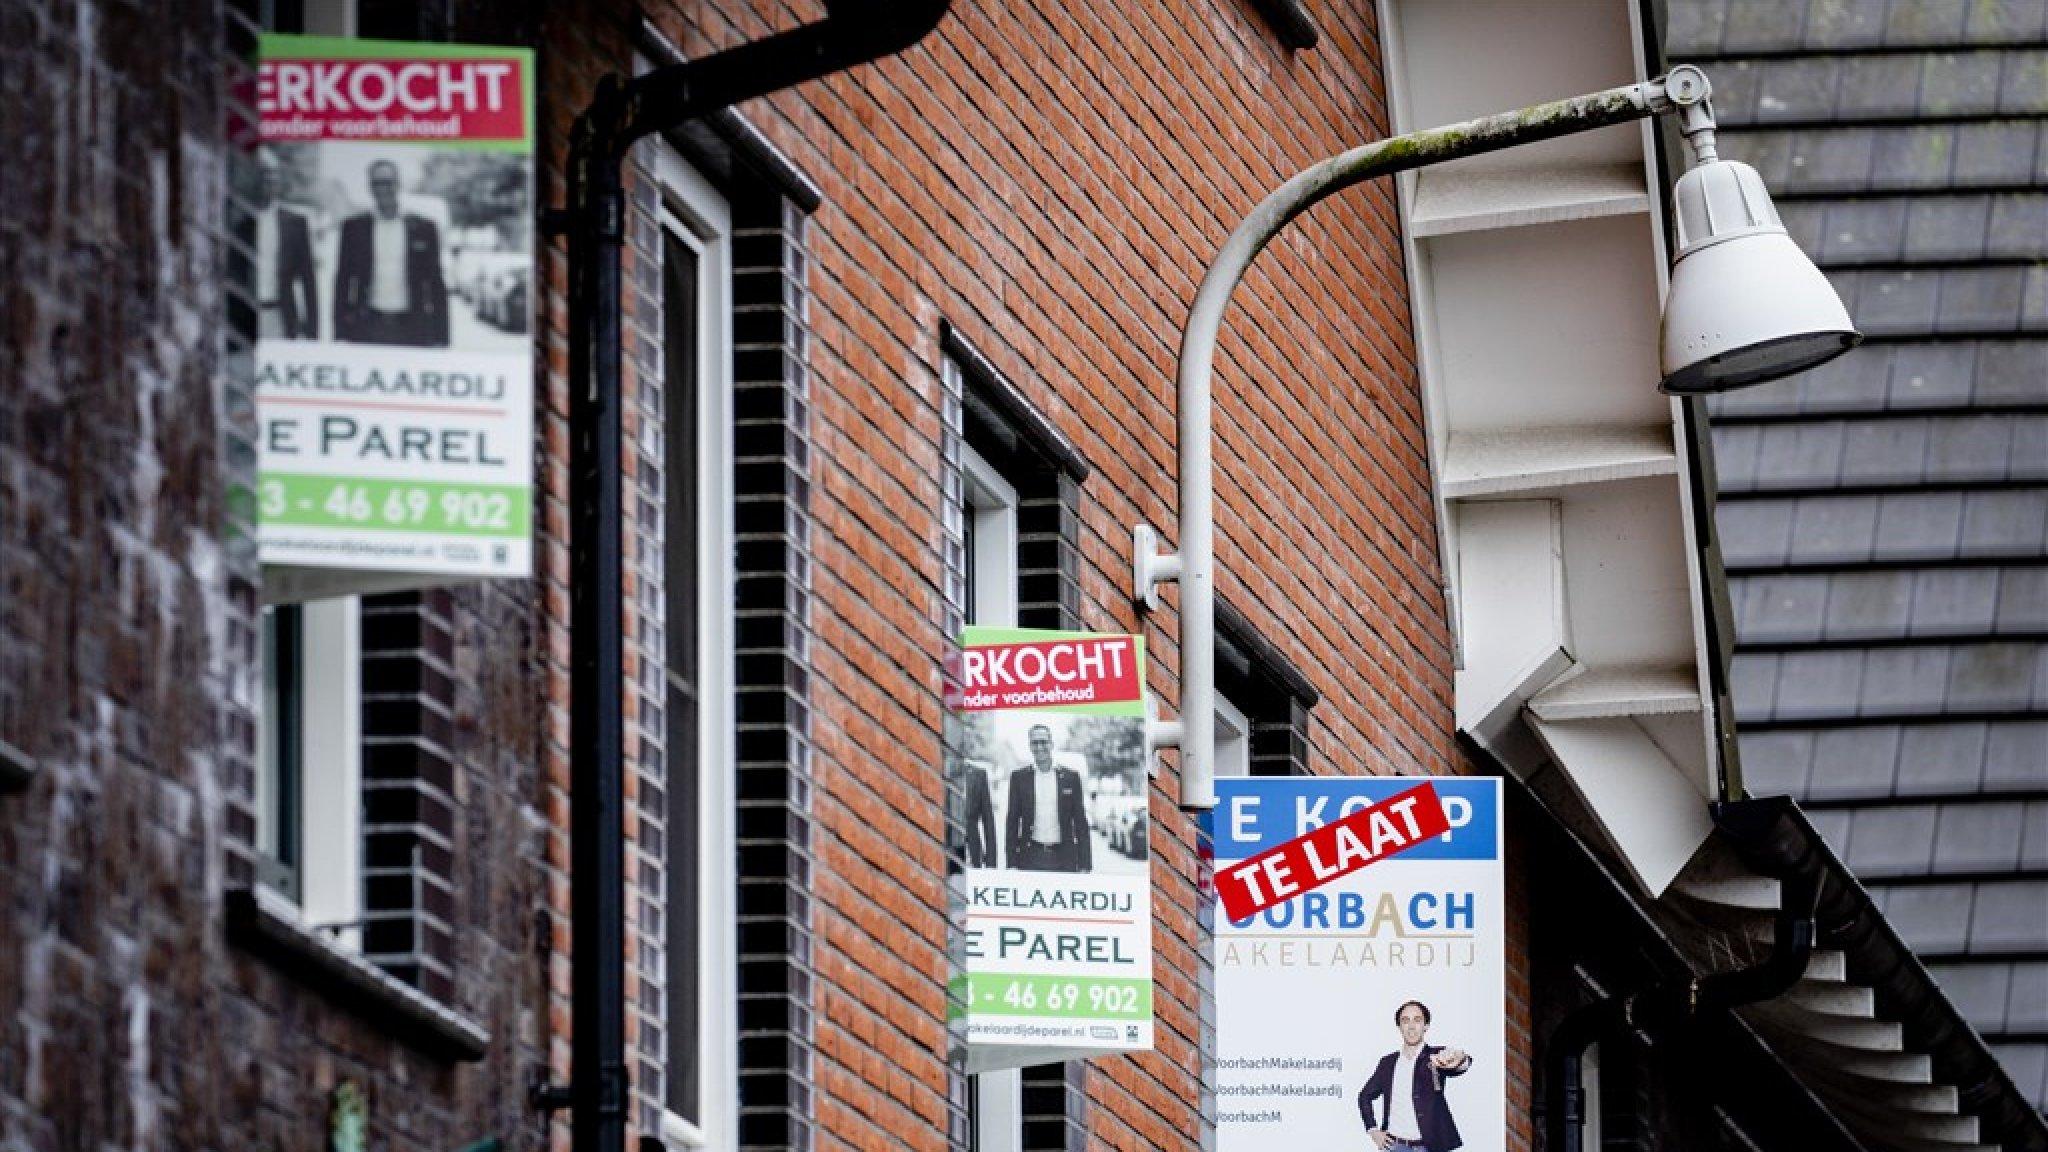 NVM: meer dan de helft van alle woningen wordt boven de vraagprijs verkocht